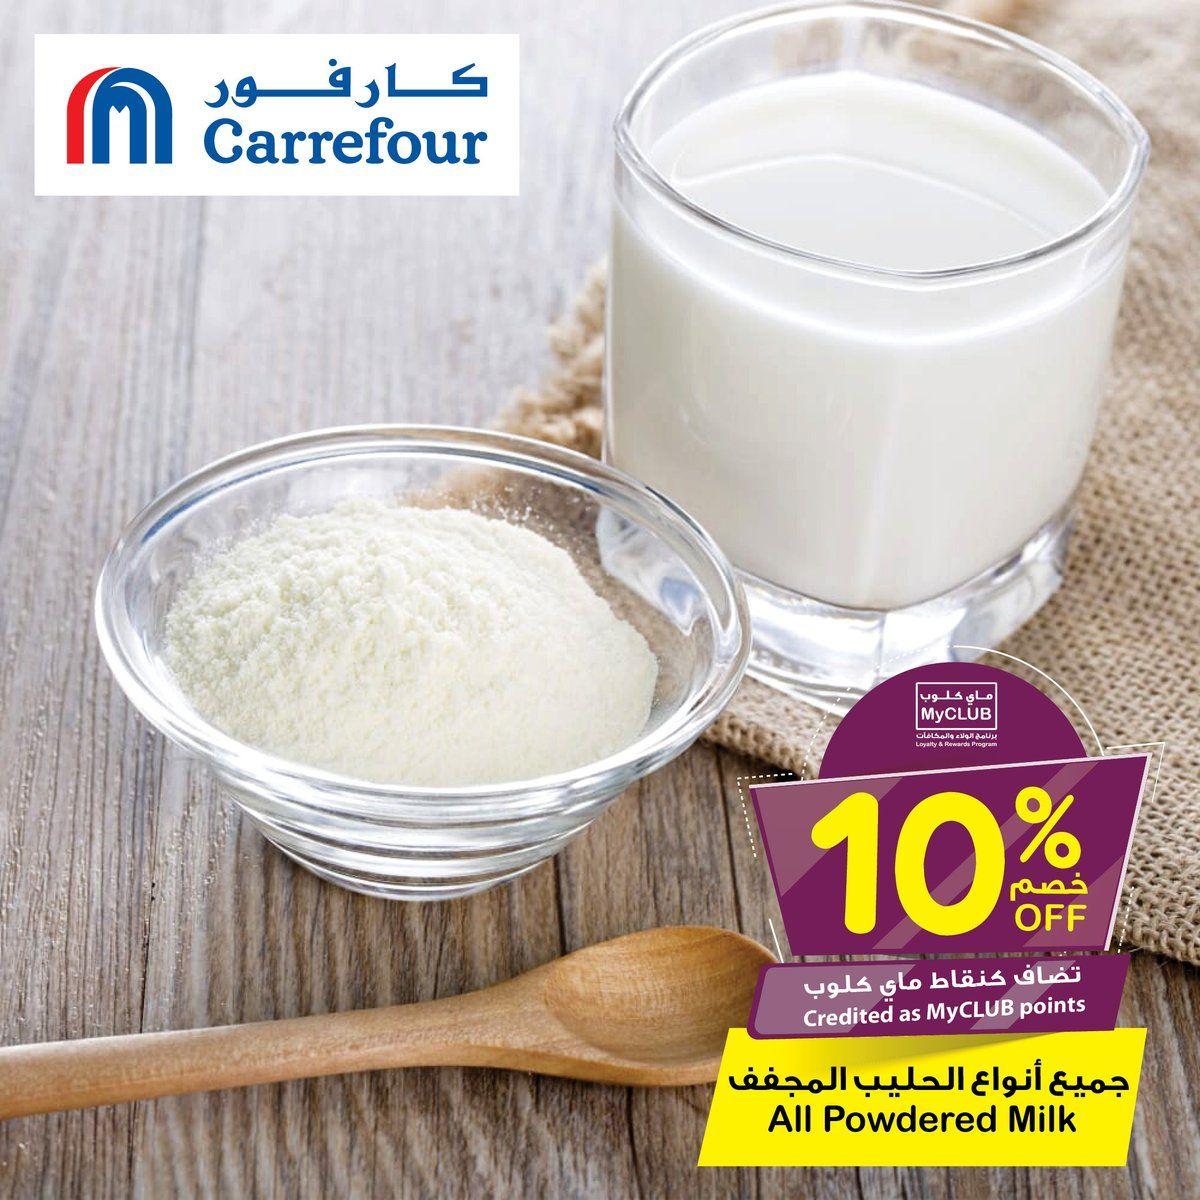 عروض كارفور لا تفوتوا خصم ١٠ على جميع أنواع الحليب المجفف مع برنامج ماي كلوب يضاف الخصم كنقاط بين ٢١ ربيع الآخر و٥ جمادى الأولى عر Powdered Milk Milk Food